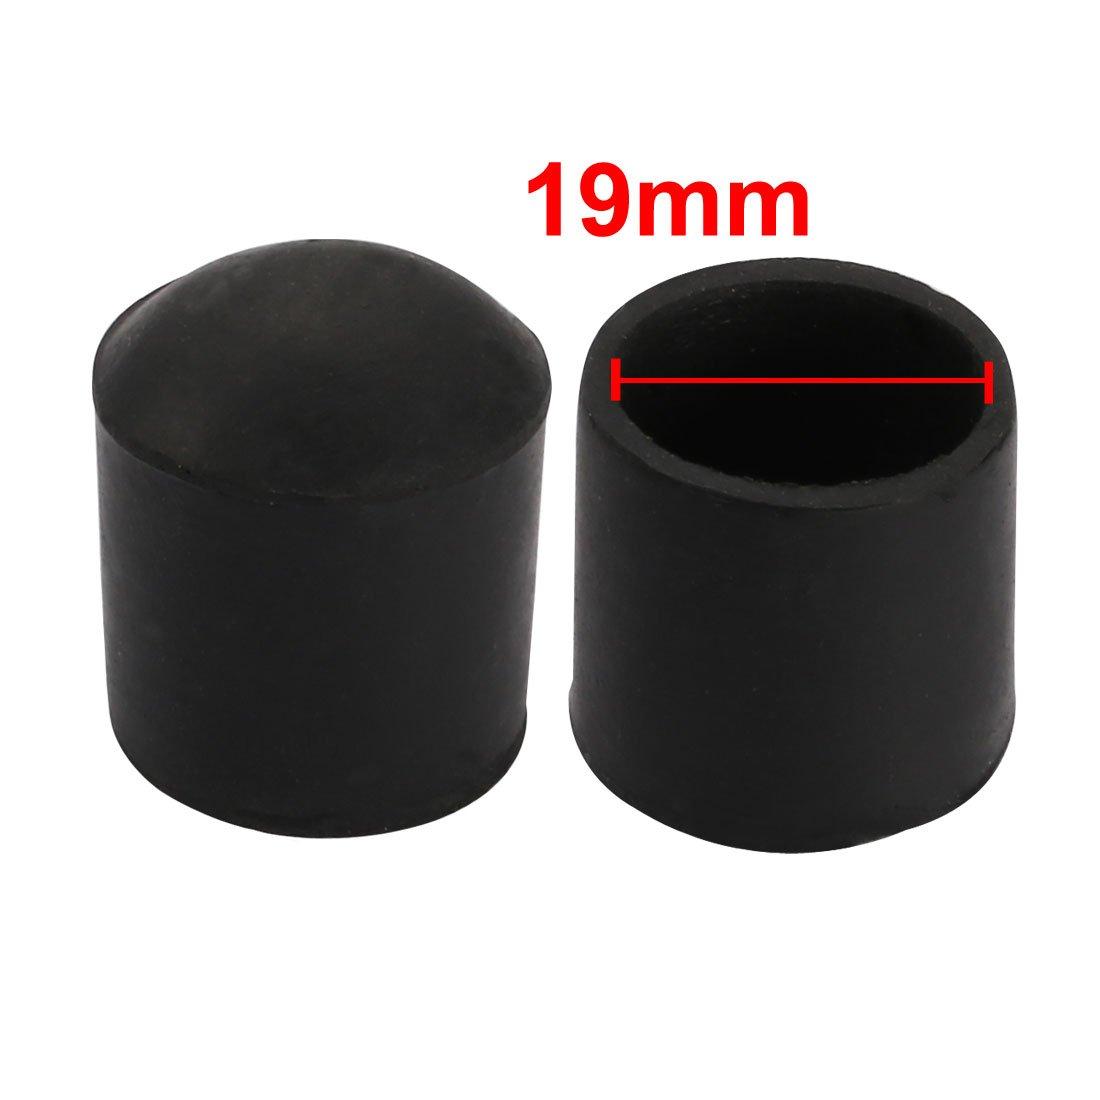 sourcing map 4pz arredamento Poltrona scrivania Rotondo gamba gomma tappo punta 19mm diametro interno nero